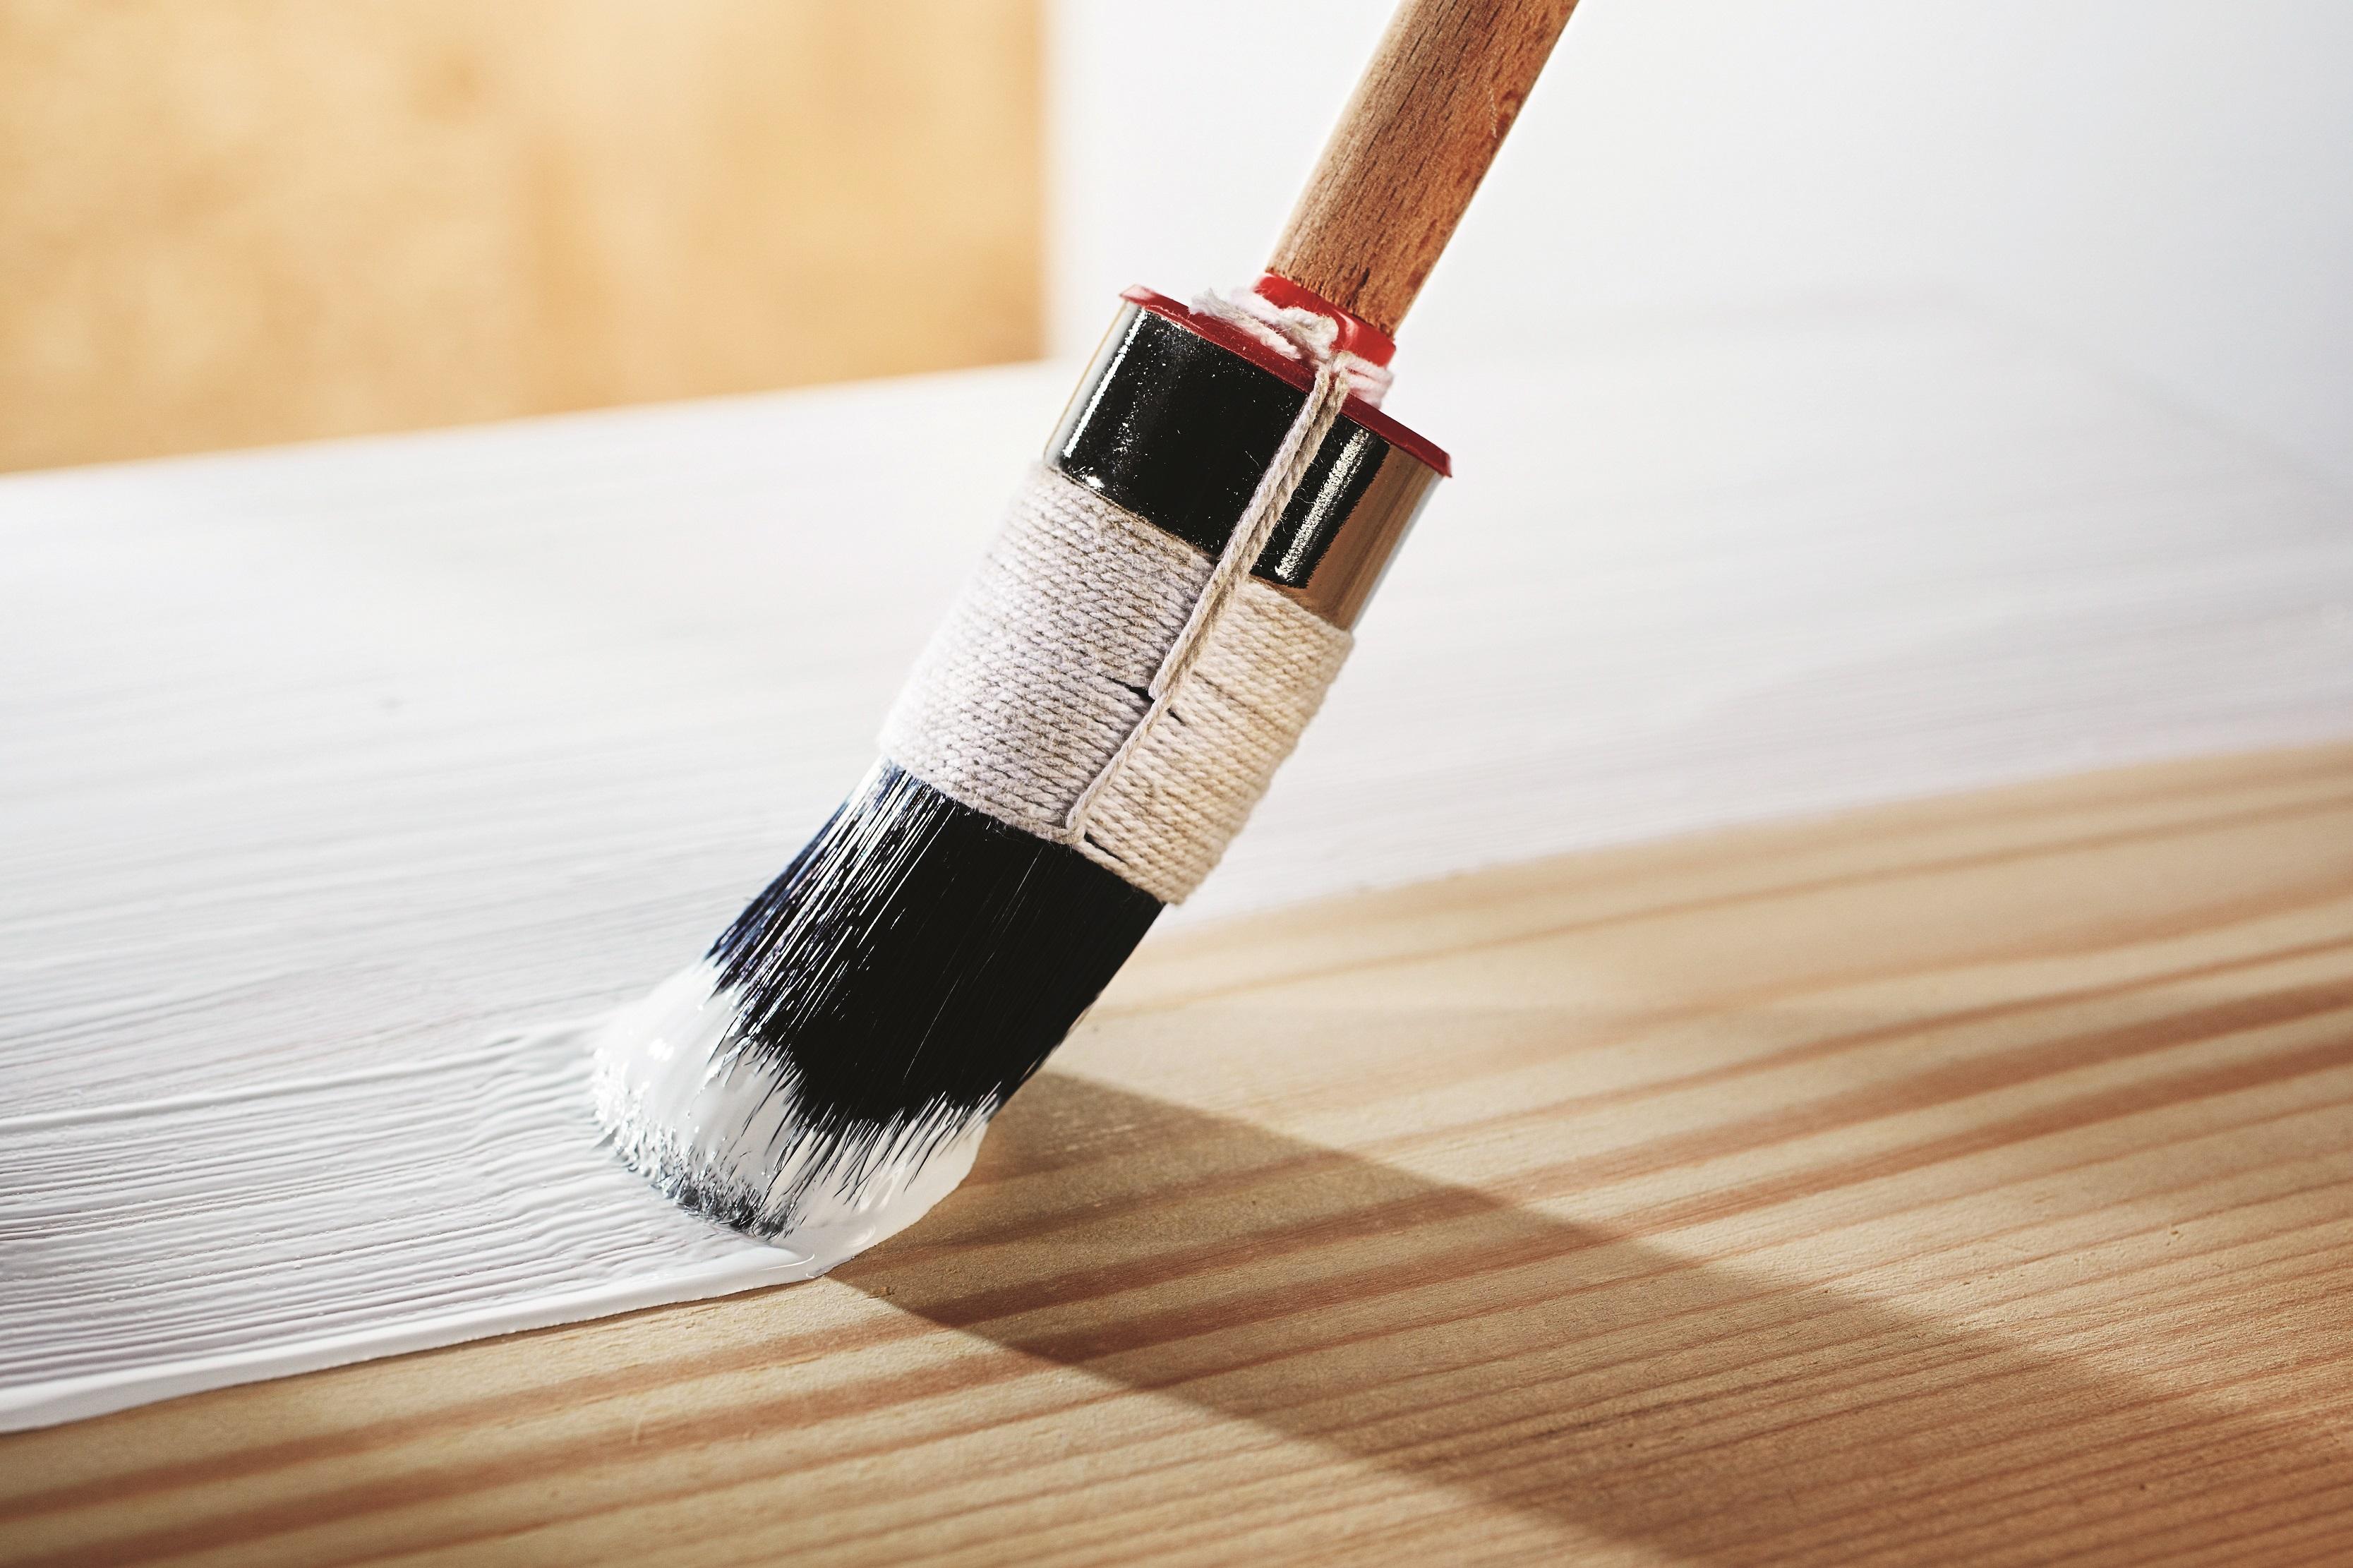 Holzlack Farben.Tipps Zum Lackieren Von Kinderspielzeug Aus Holz Alpina